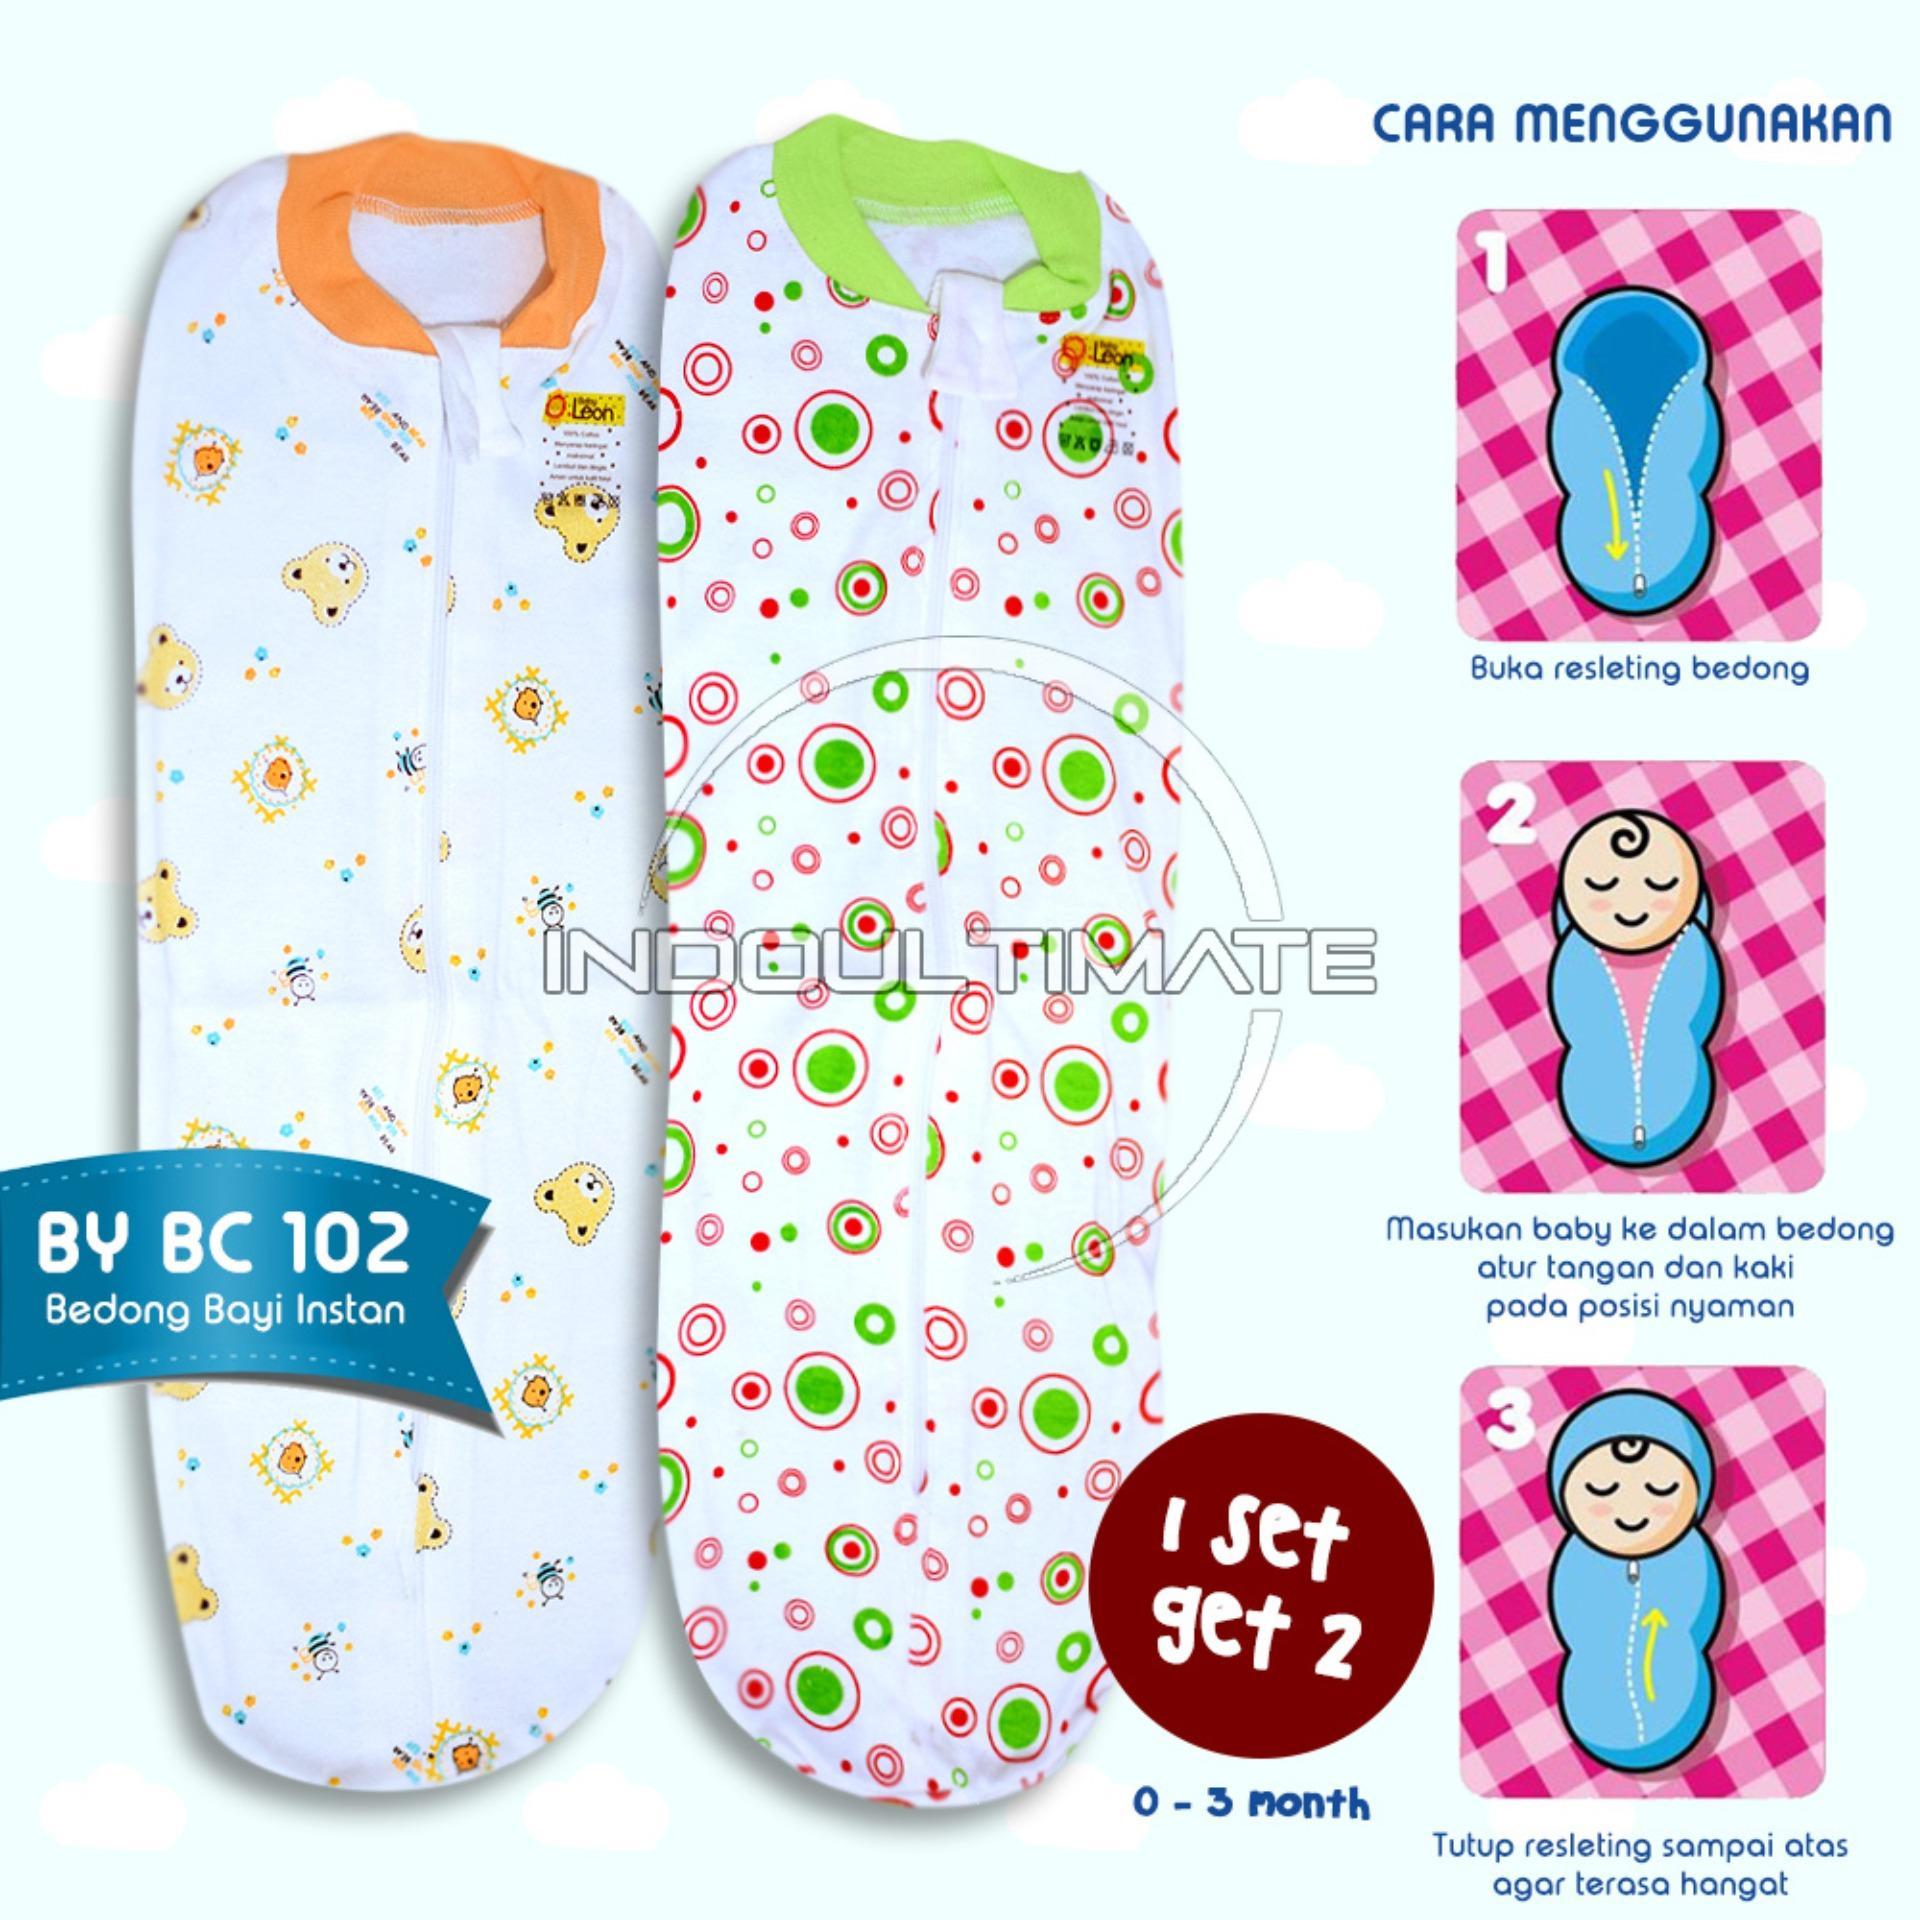 BABY LEON Bedong Bayi Instan BC 102 New Born 2Pcs 100 % COTTON Bedongan Murah Berkerah Mix Colour